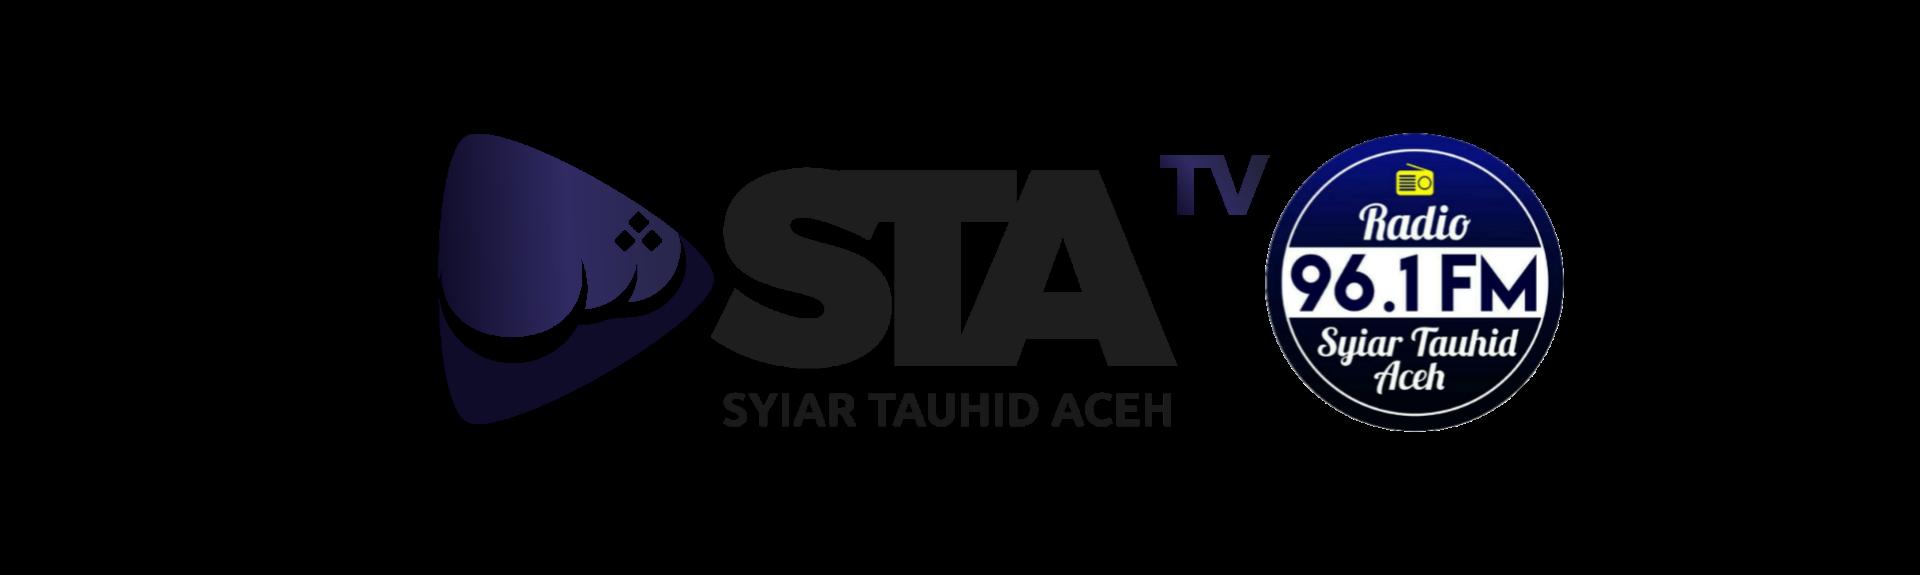 BANNER LOGO RADIO SYIAR TAUHID ACEH DAN SYIAR TAUHID ACEH TV